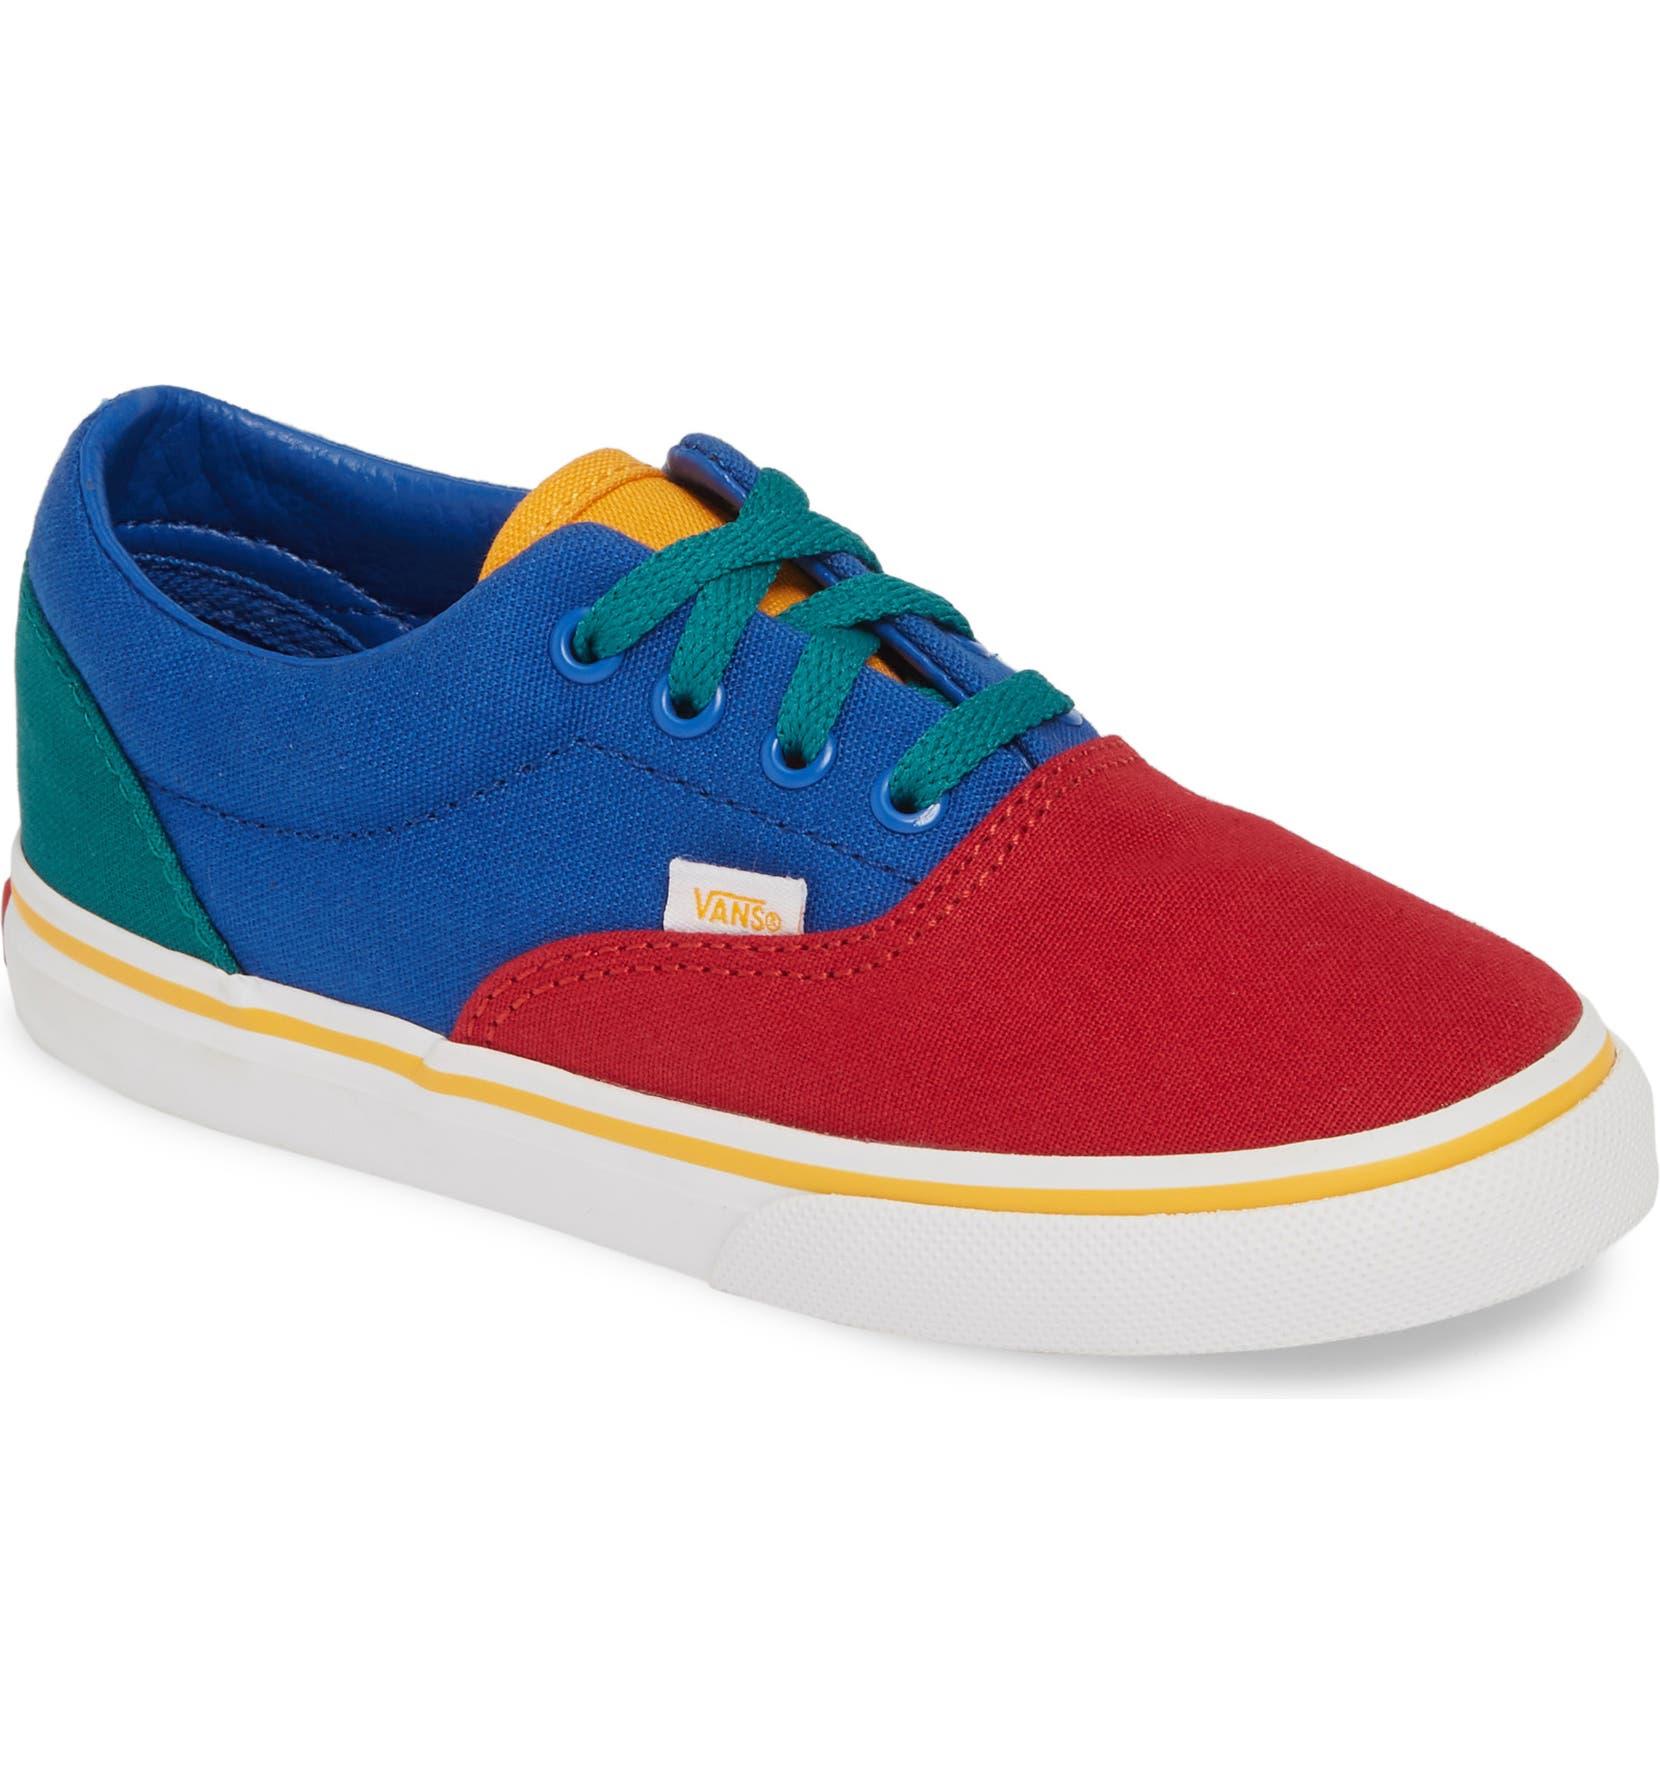 9d9603216c Vans Era Sneaker (Toddler